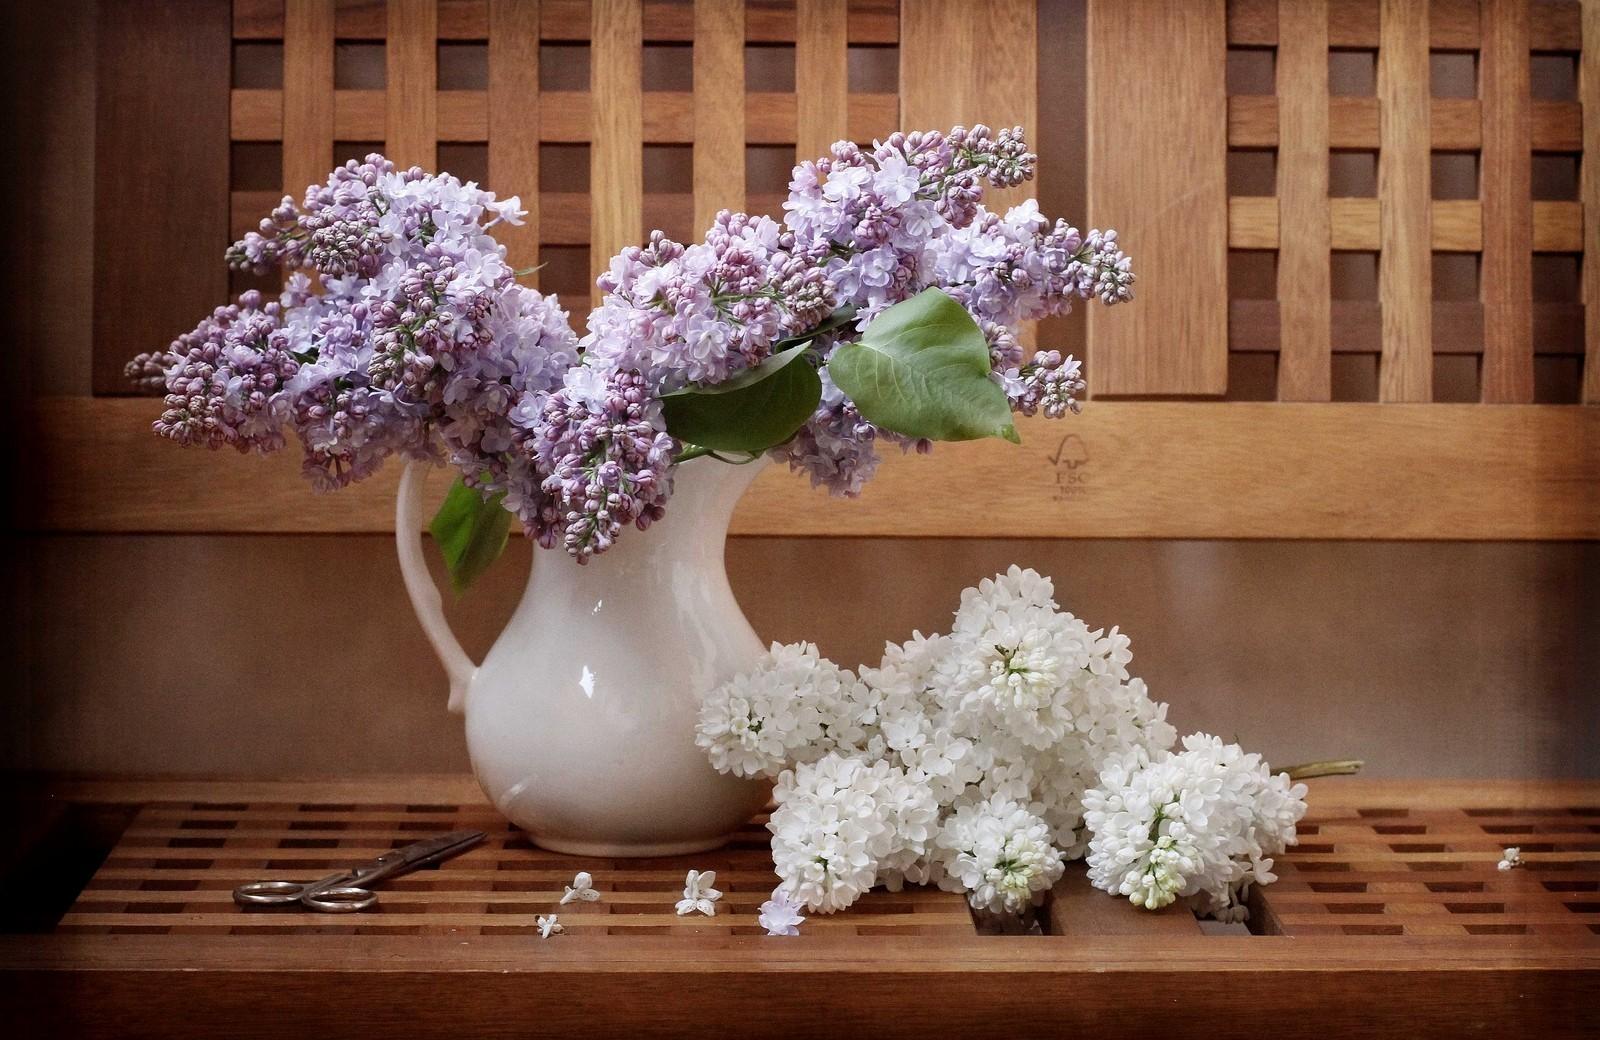 78247 скачать обои Цветы, Сирень, Ветки, Кувшин, Скамейка, Ножницы - заставки и картинки бесплатно